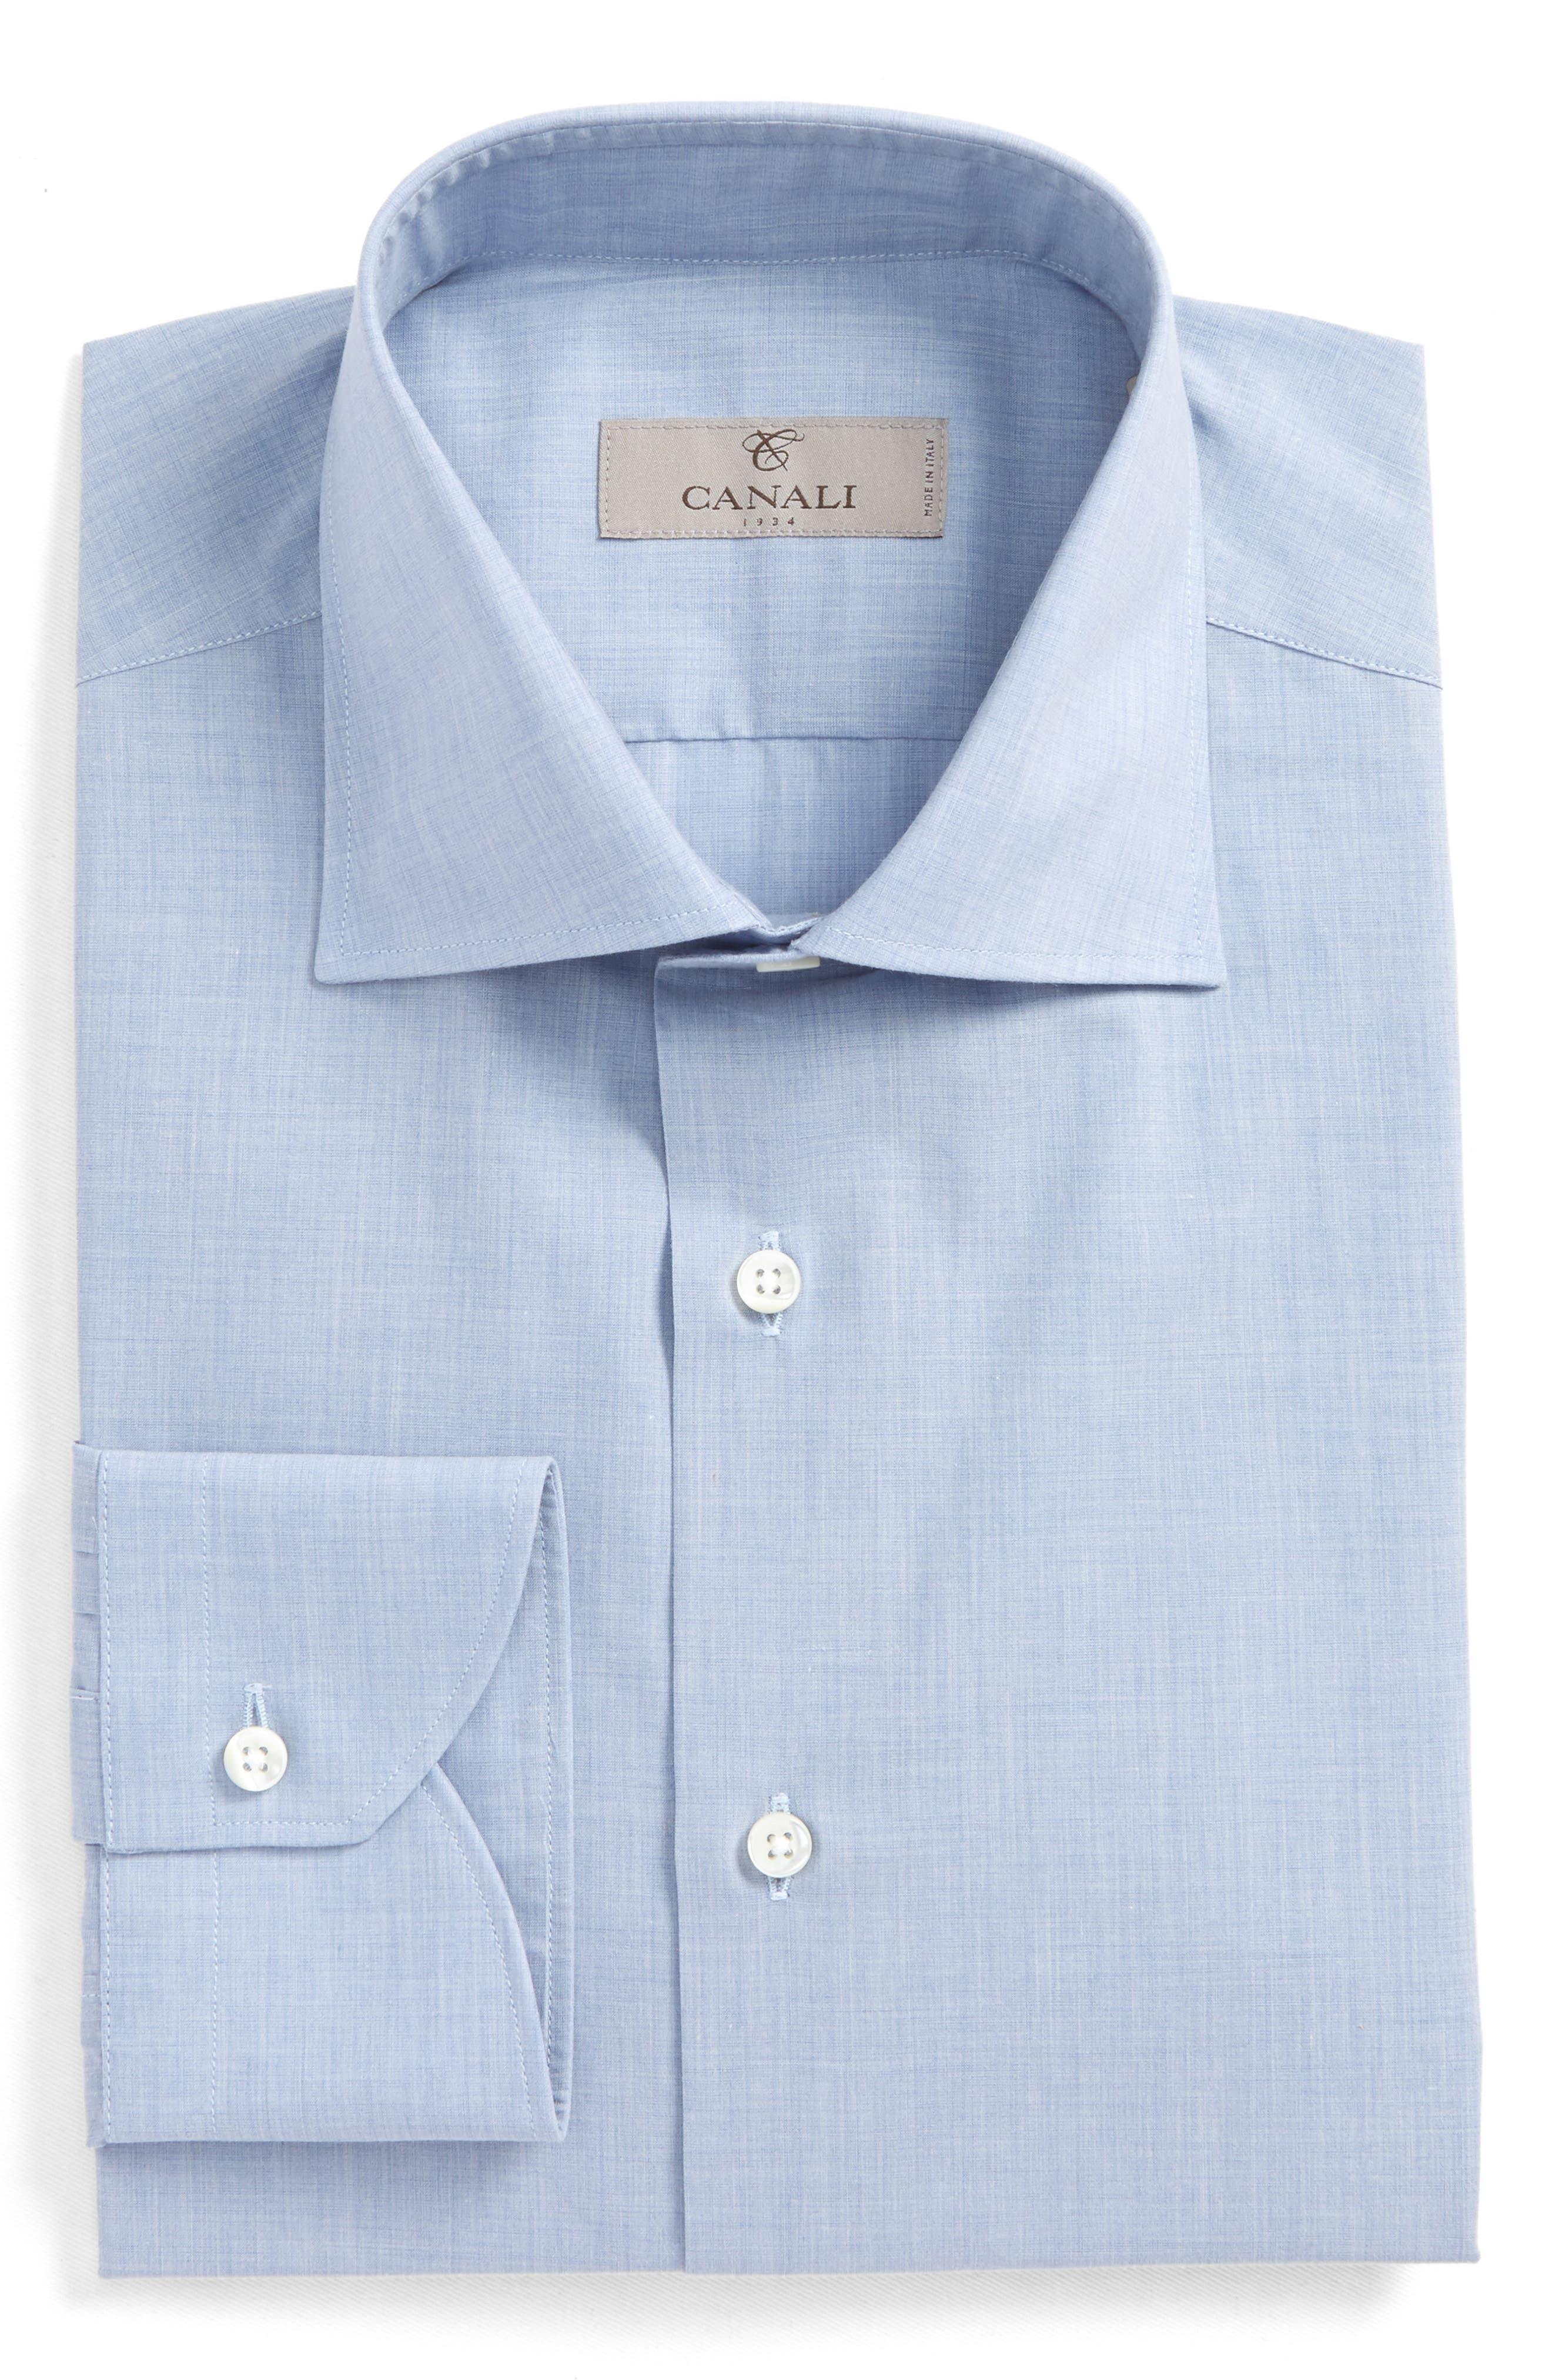 Regular Fit Solid Dress Shirt,                         Main,                         color, Med Blue